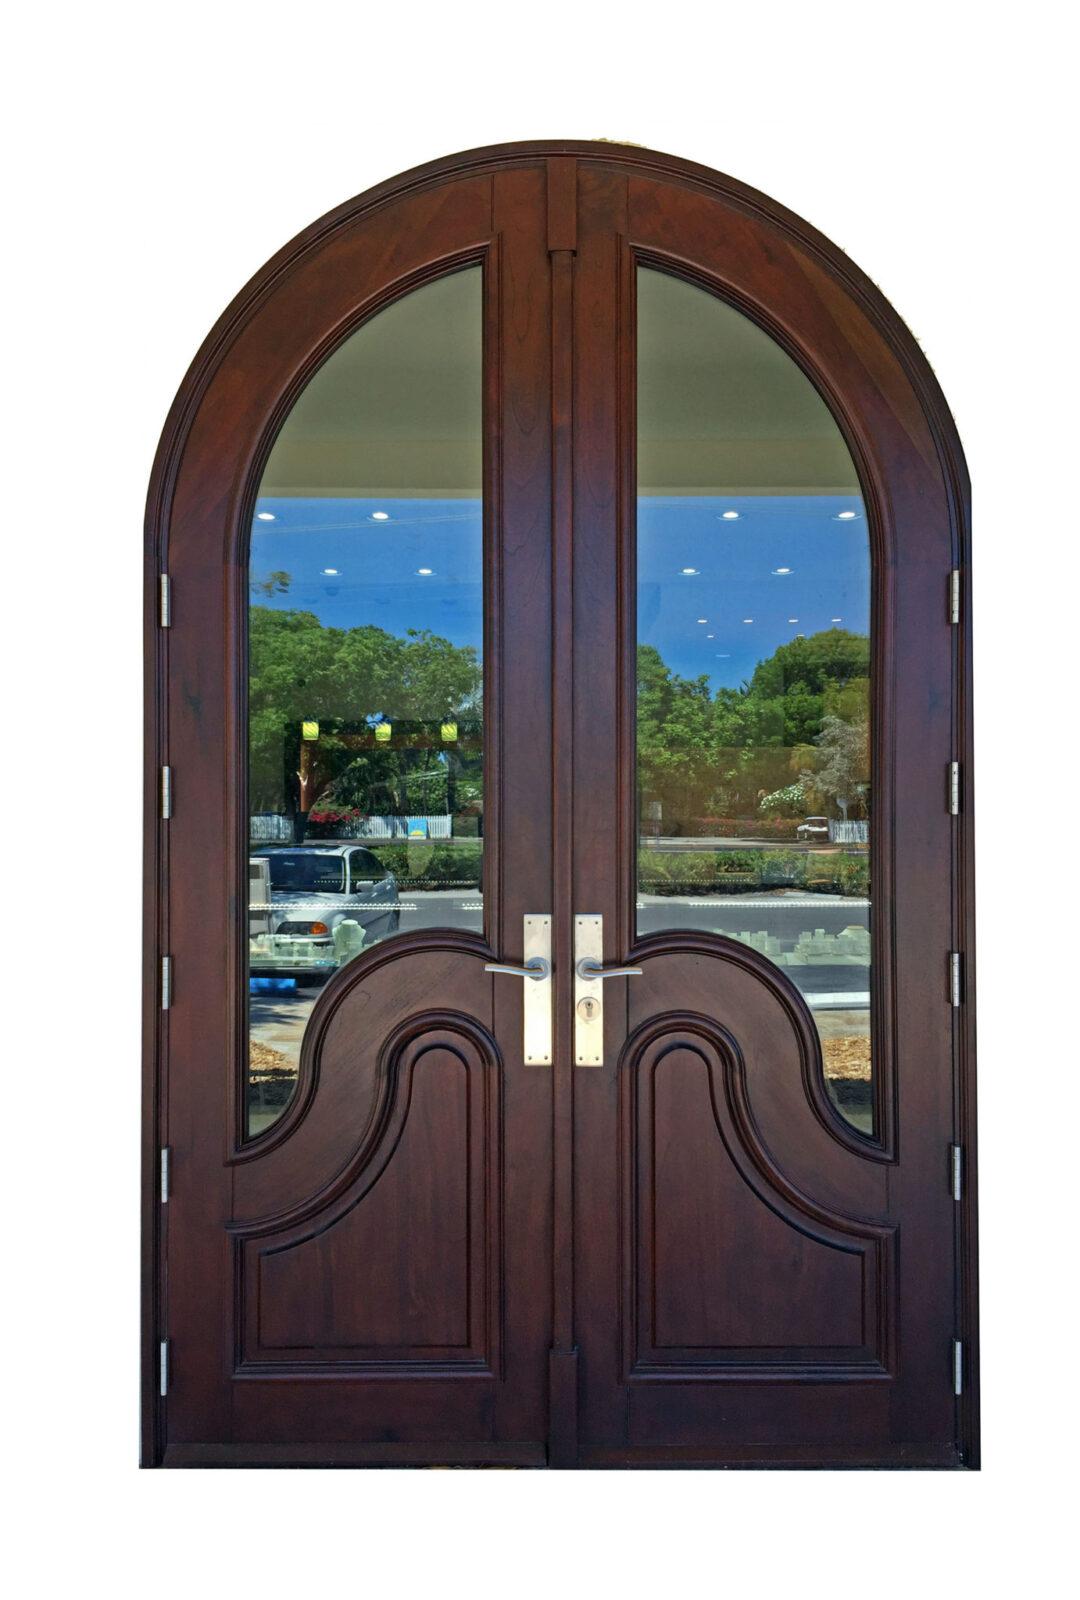 STAINLESS STEEL KEY COLONY BEACH. MAHOGANY ENTRY DOORS.MAHOGANYENTRYDOORS.